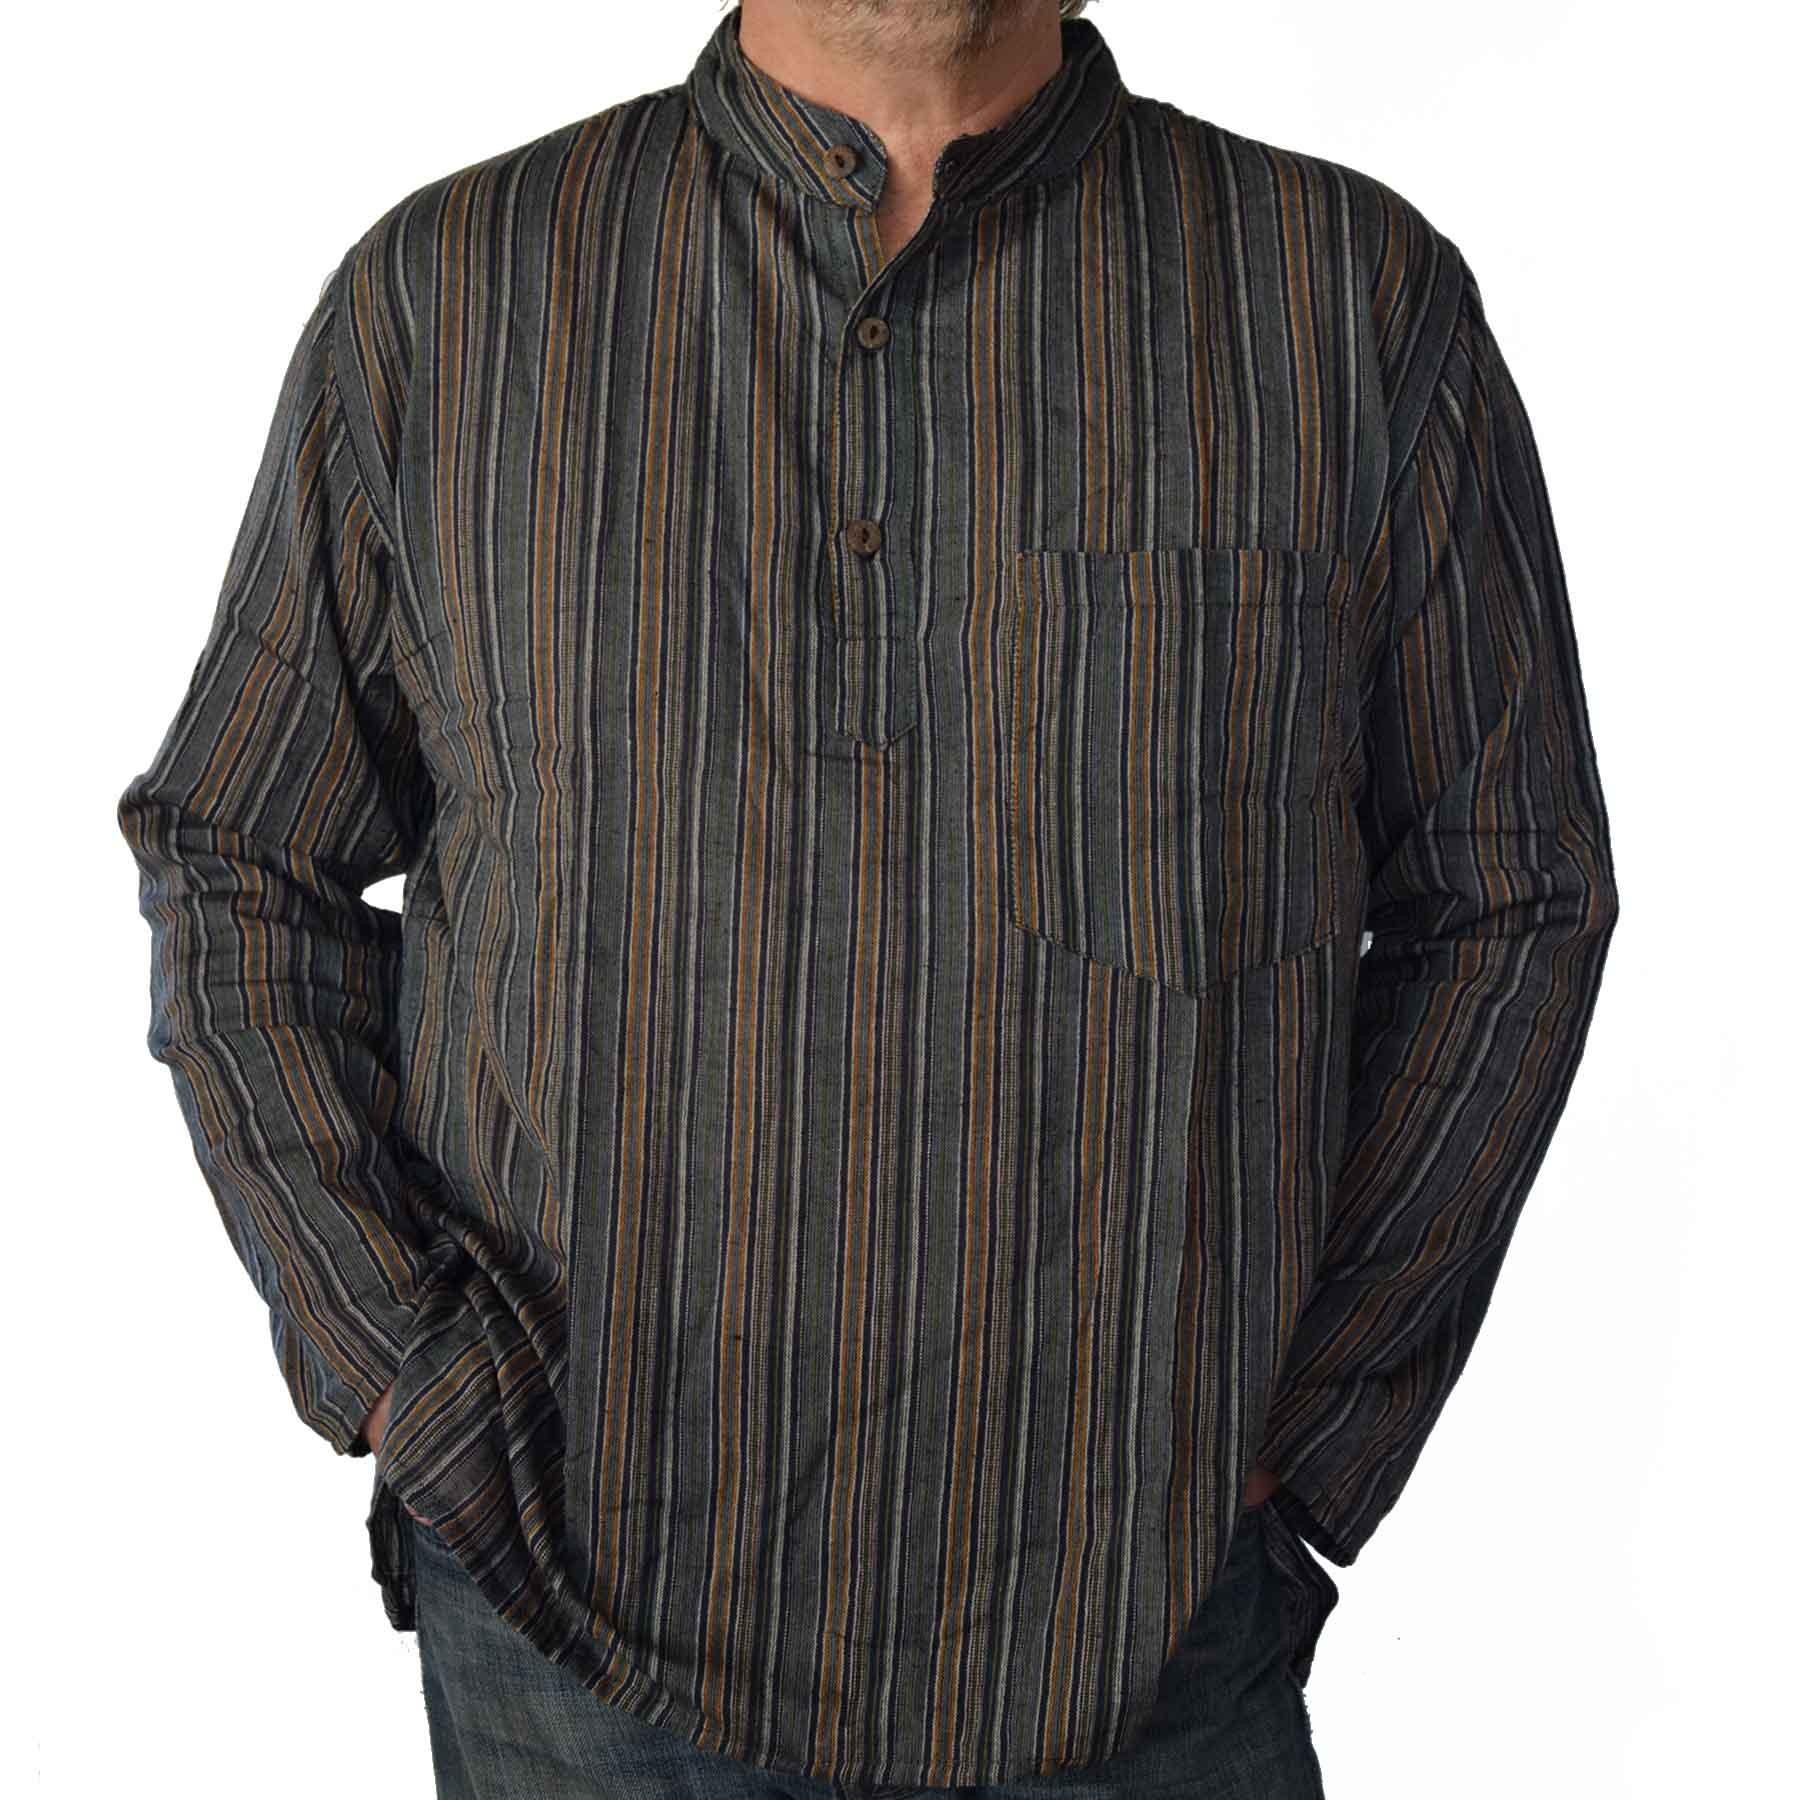 chemise indienne. Je veux voir plus de Chemises bien noté par les  internautes et pas cher ICI c9a8587a30b